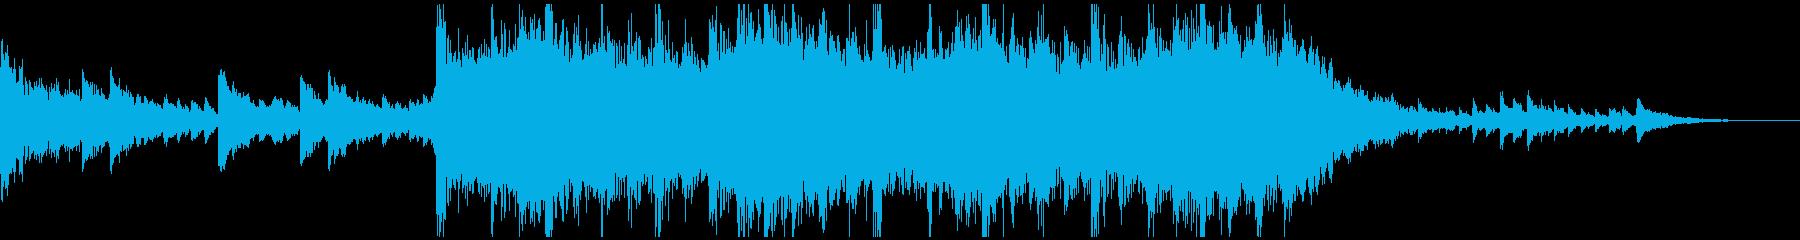 現代の交響曲 電気音響シンフォニー...の再生済みの波形